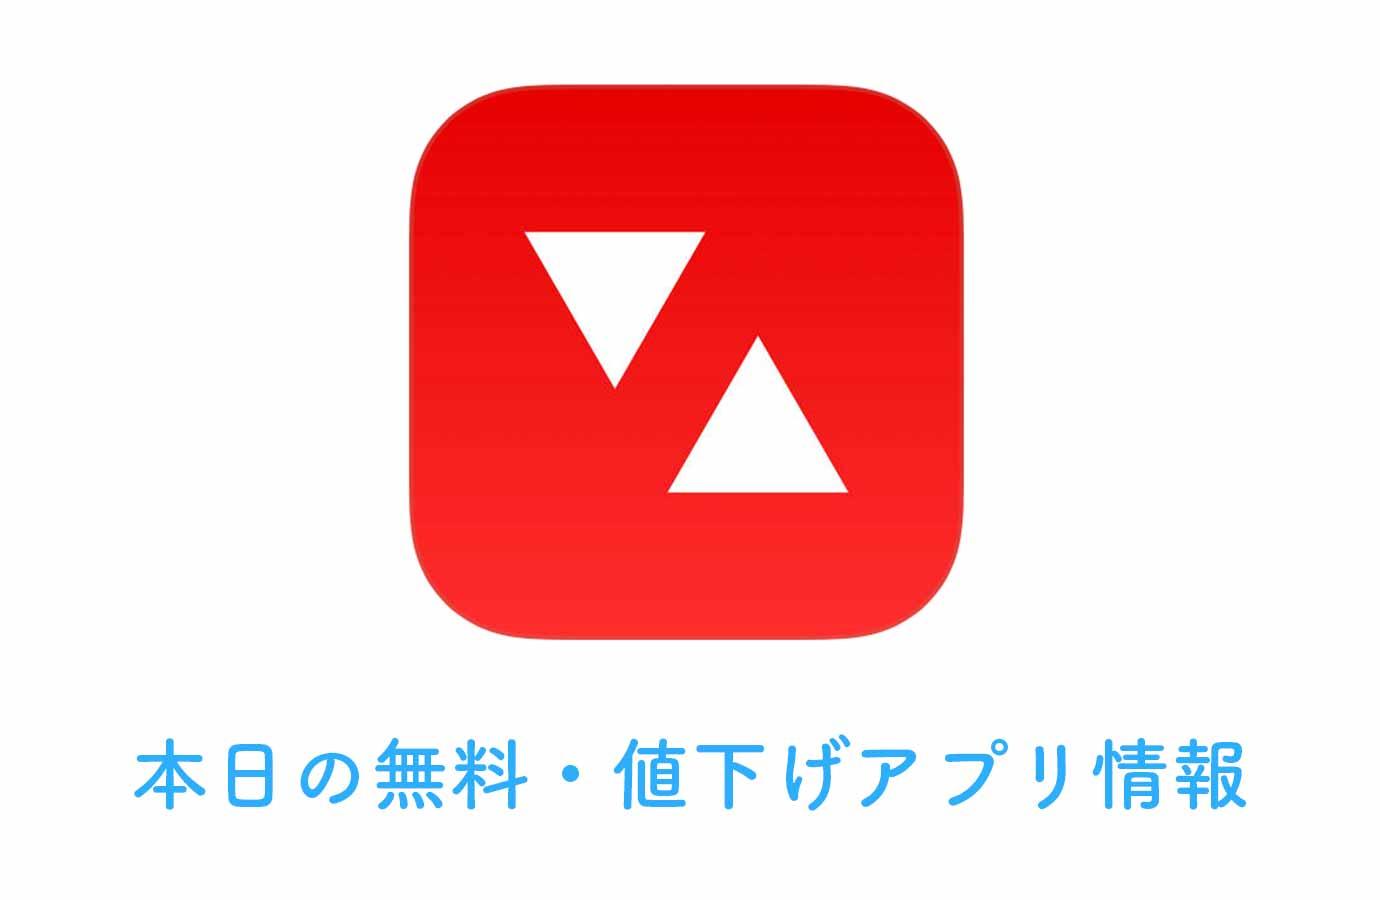 120円→無料、ウィジェットにも対応したデータ通信量管理アプリ「DataMan Next」など【6/28】本日の無料・値下げアプリ情報